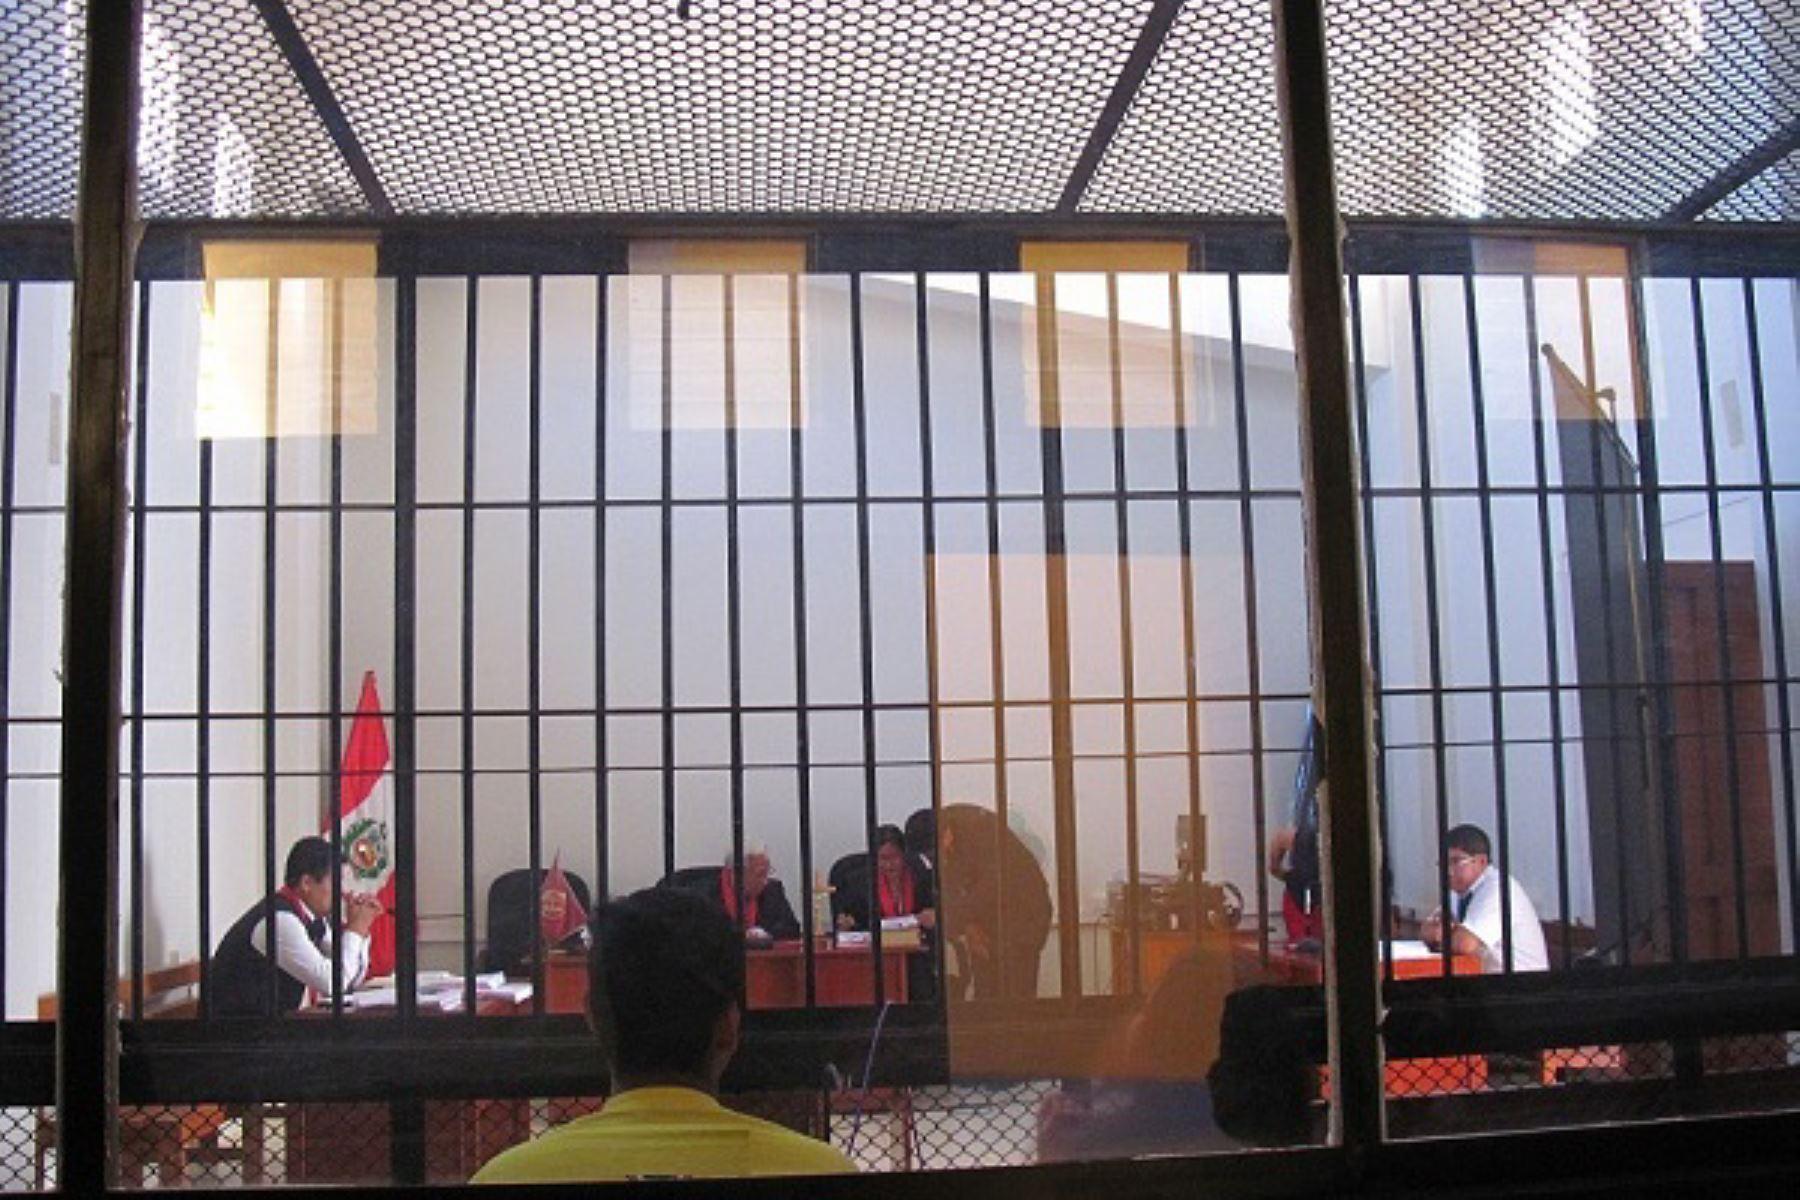 Alejandro Pando Velásquez (45) purgará cadena perpetua por abusar de su hija de 13 años, informó la Primera Fiscalía Penal Corporativa de Tambopata.